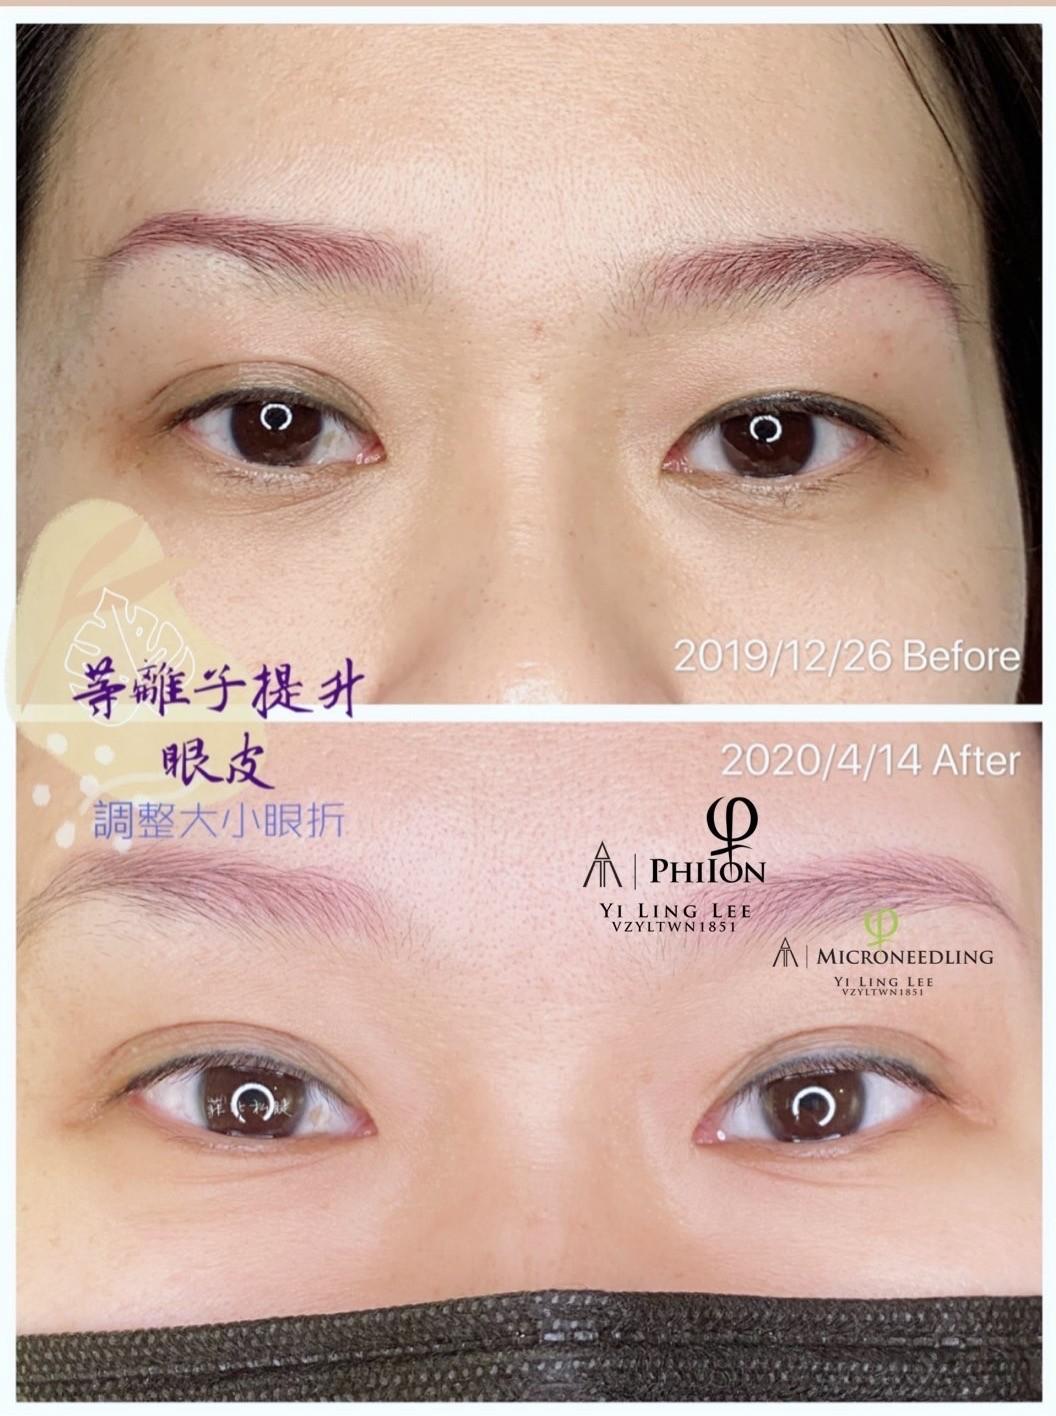 改善大小眼及雙眼皮折痕大小均稱度